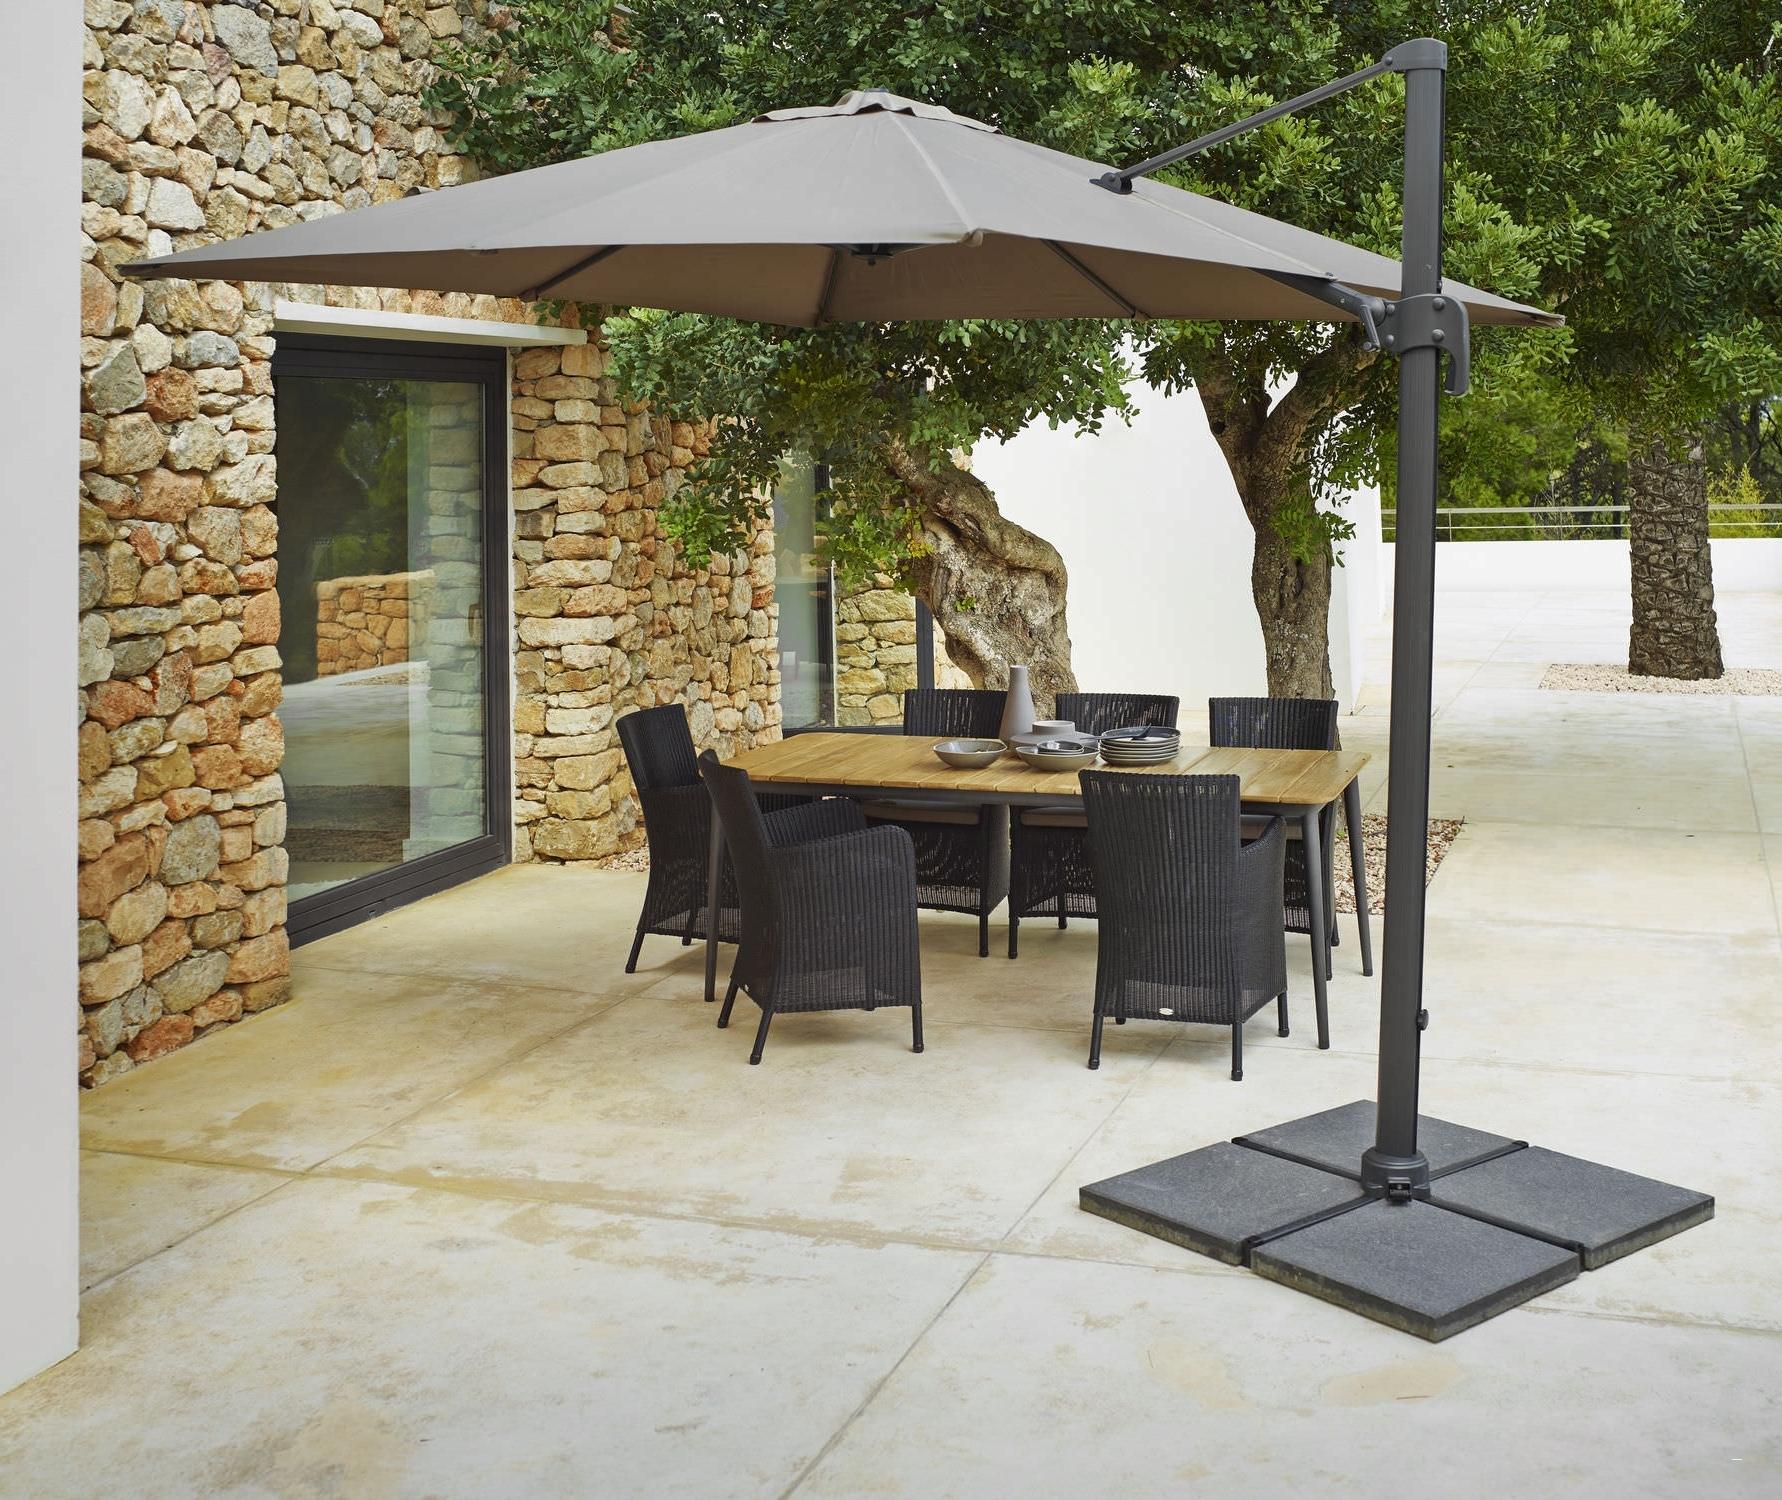 Most Popular Rectangular Offset Patio Umbrella – Brilliant Fset Patio Umbrella With Regard To Rectangular Offset Patio Umbrellas (View 11 of 20)